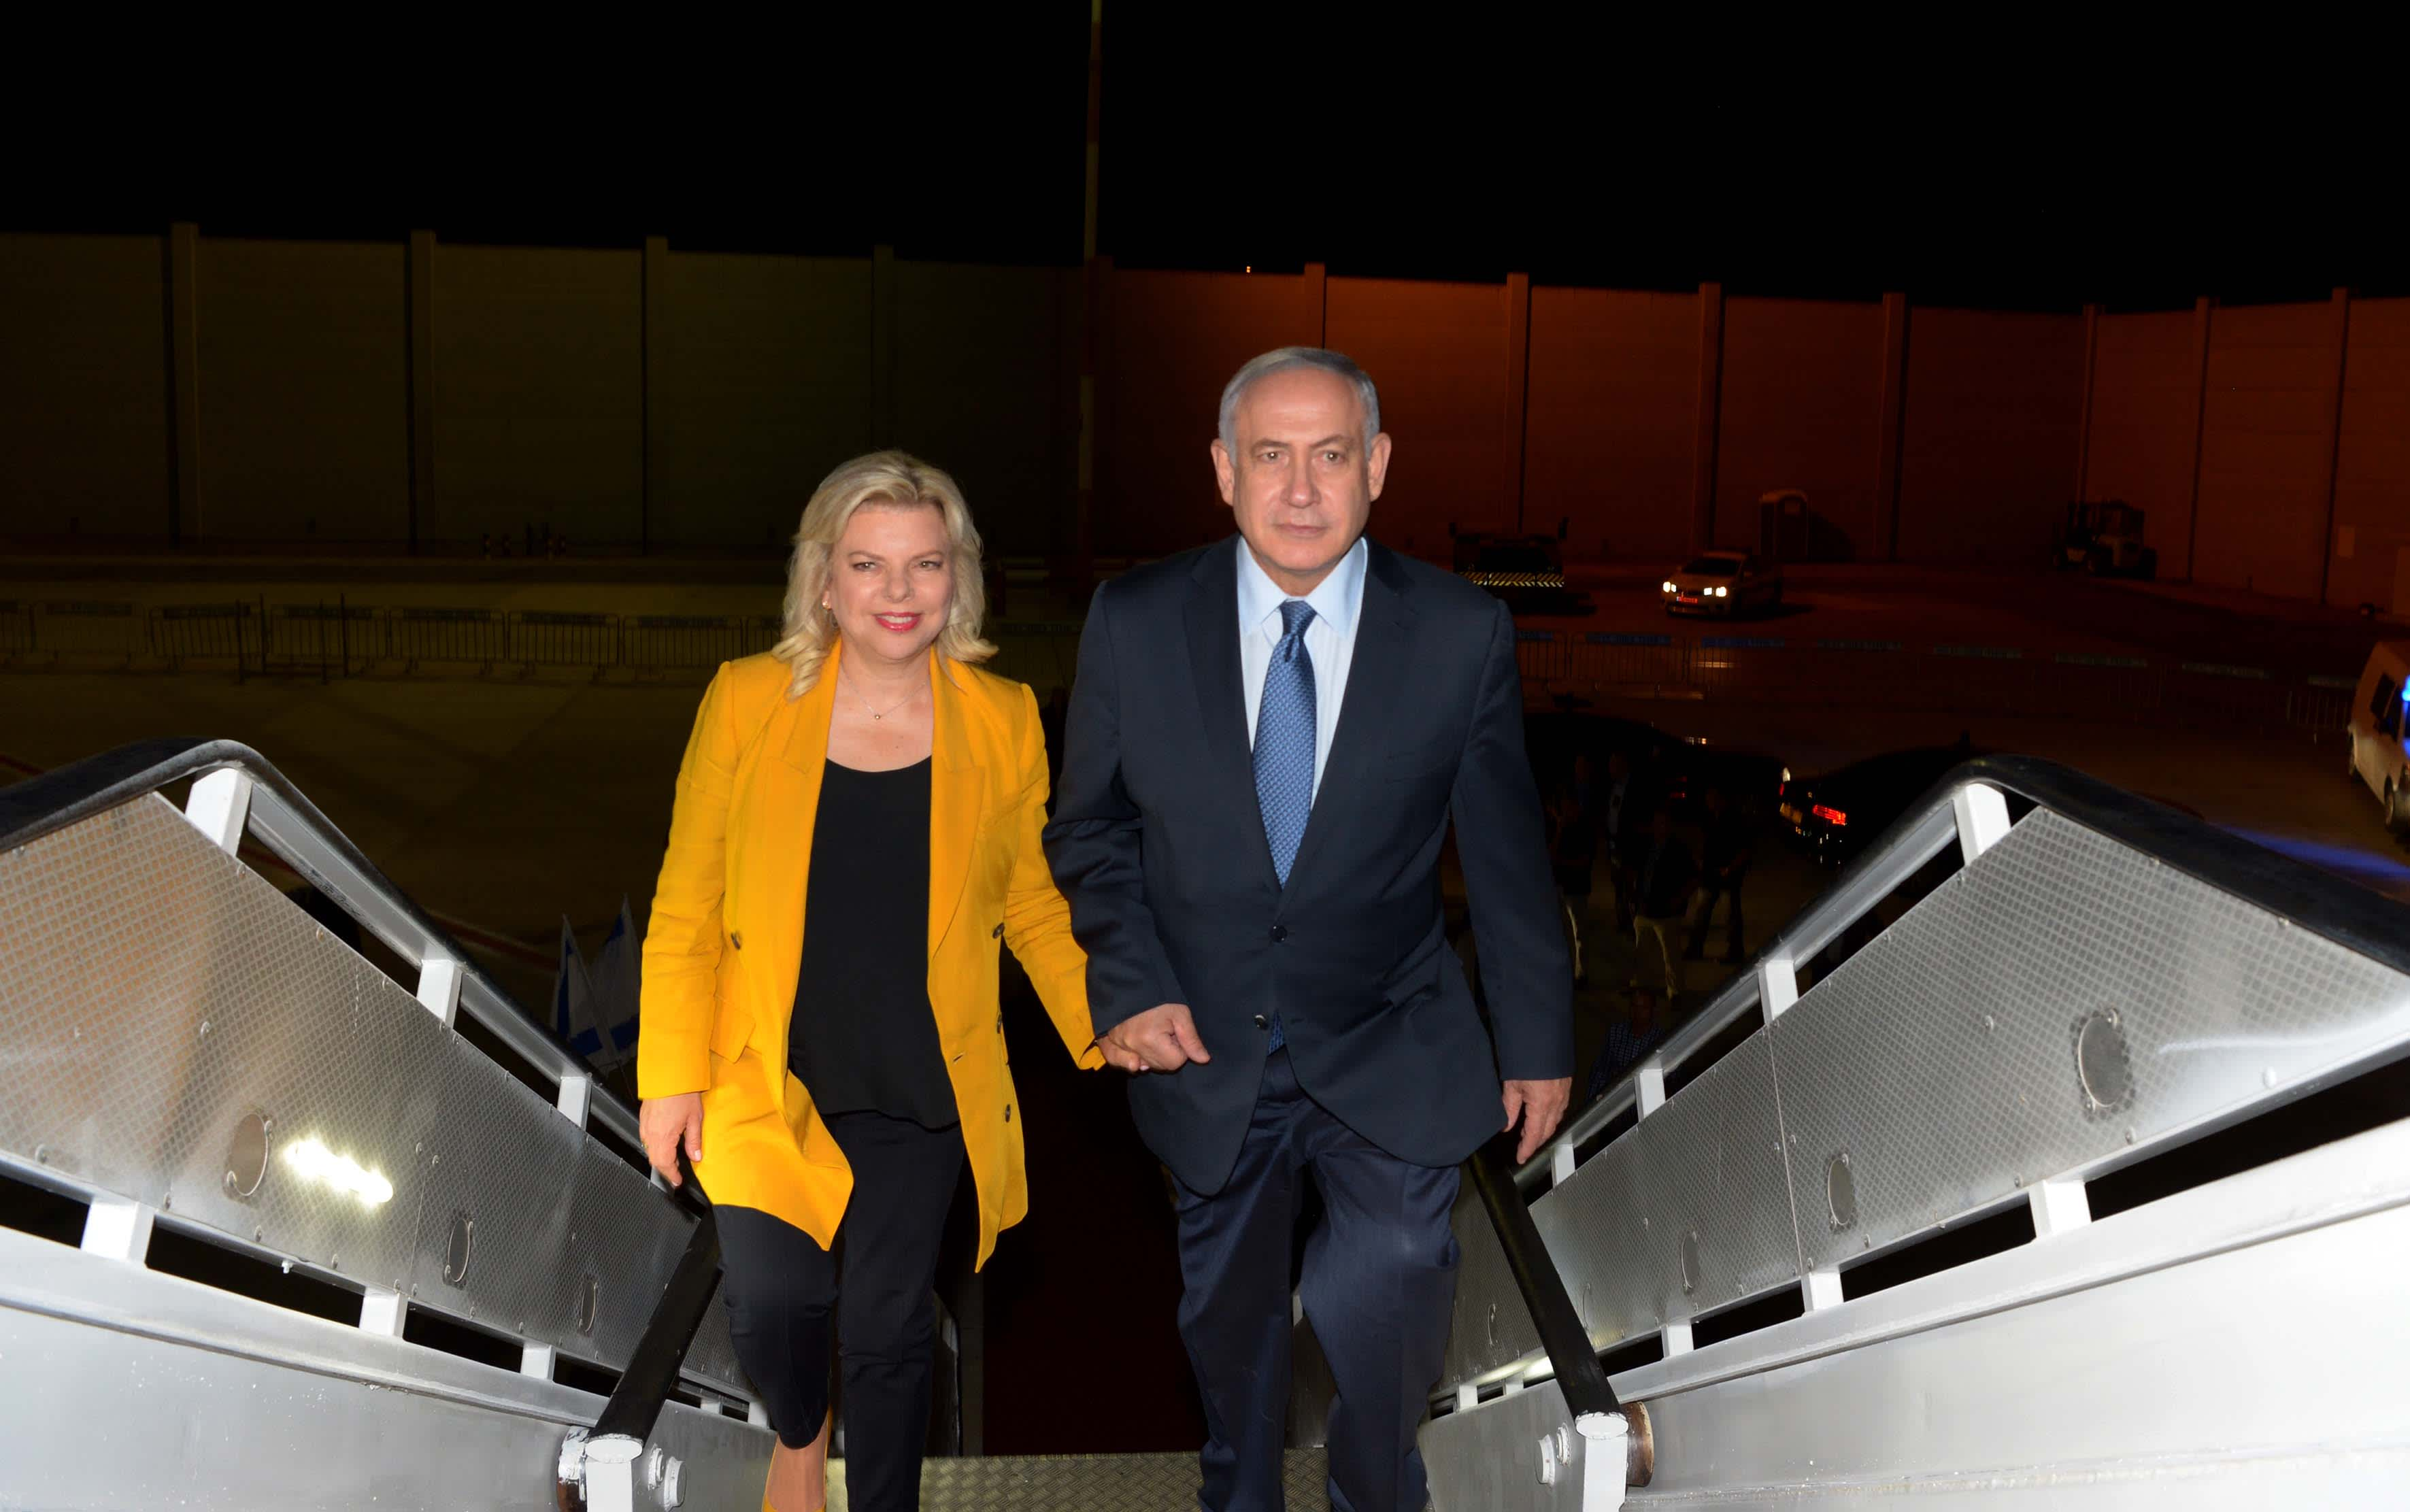 Prime Minister Benjamin Netanyahu and his wife, Sara Netanyahu en route to South America, September 10, 2017. (Avi Ohayon/GPO)